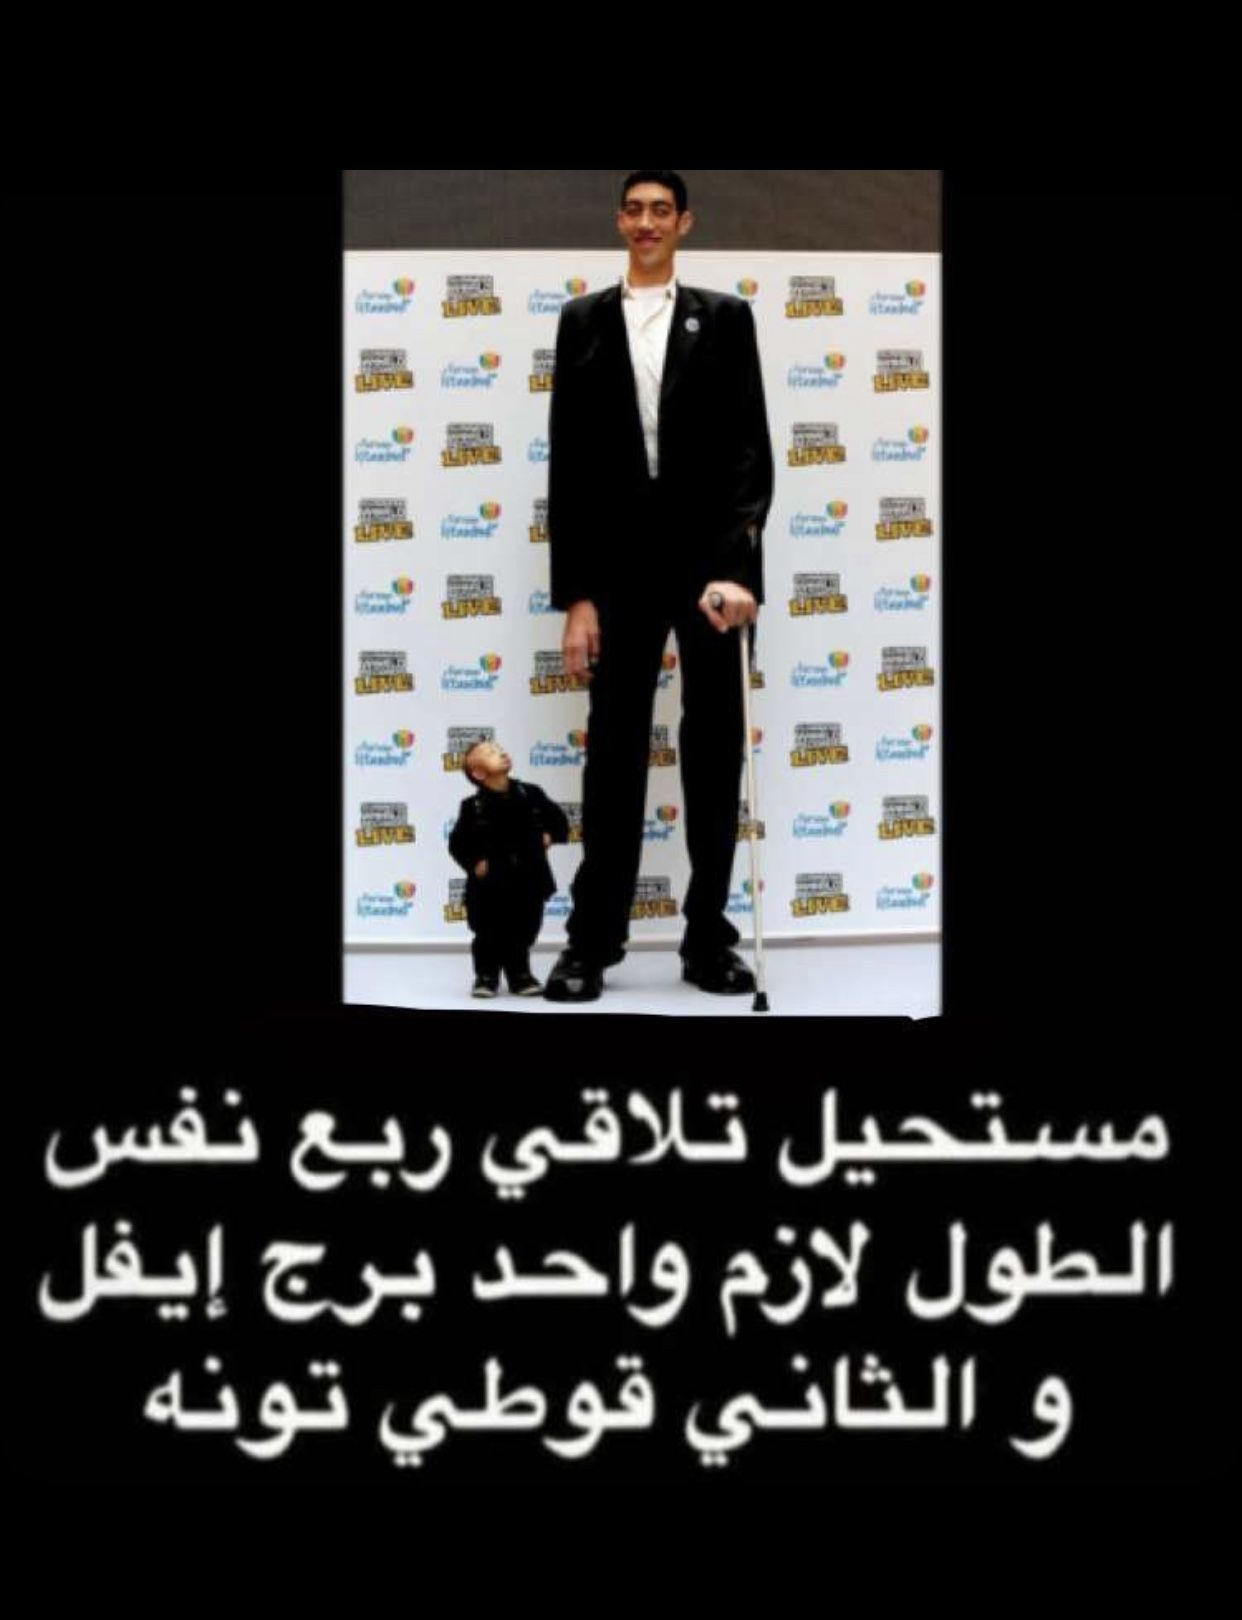 أنا عاد علبة فول Fun Quotes Funny Arabic Funny Funny Arabic Quotes